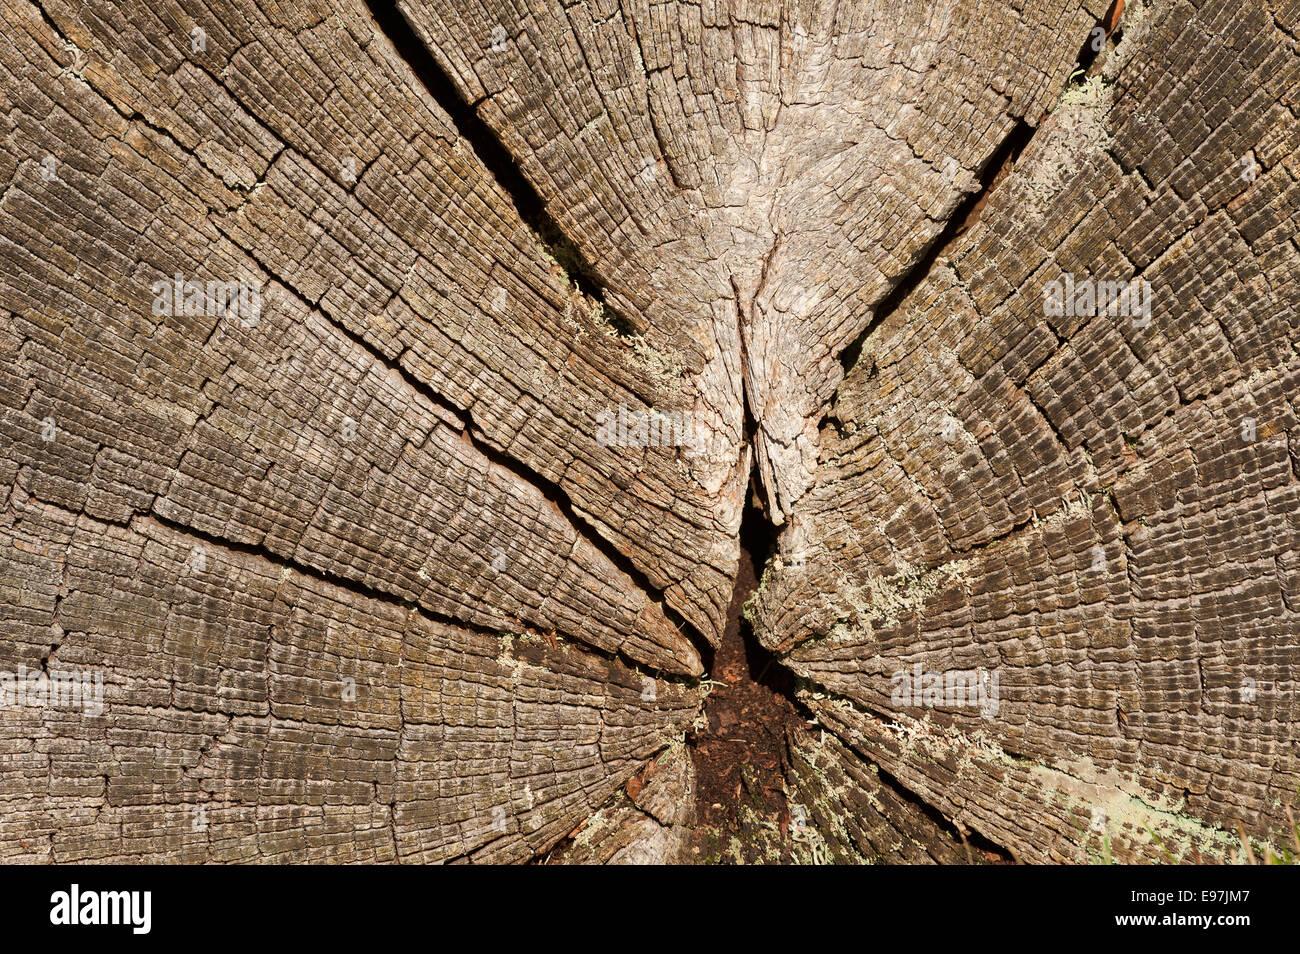 anello albero datazione 14-16 sito di incontri